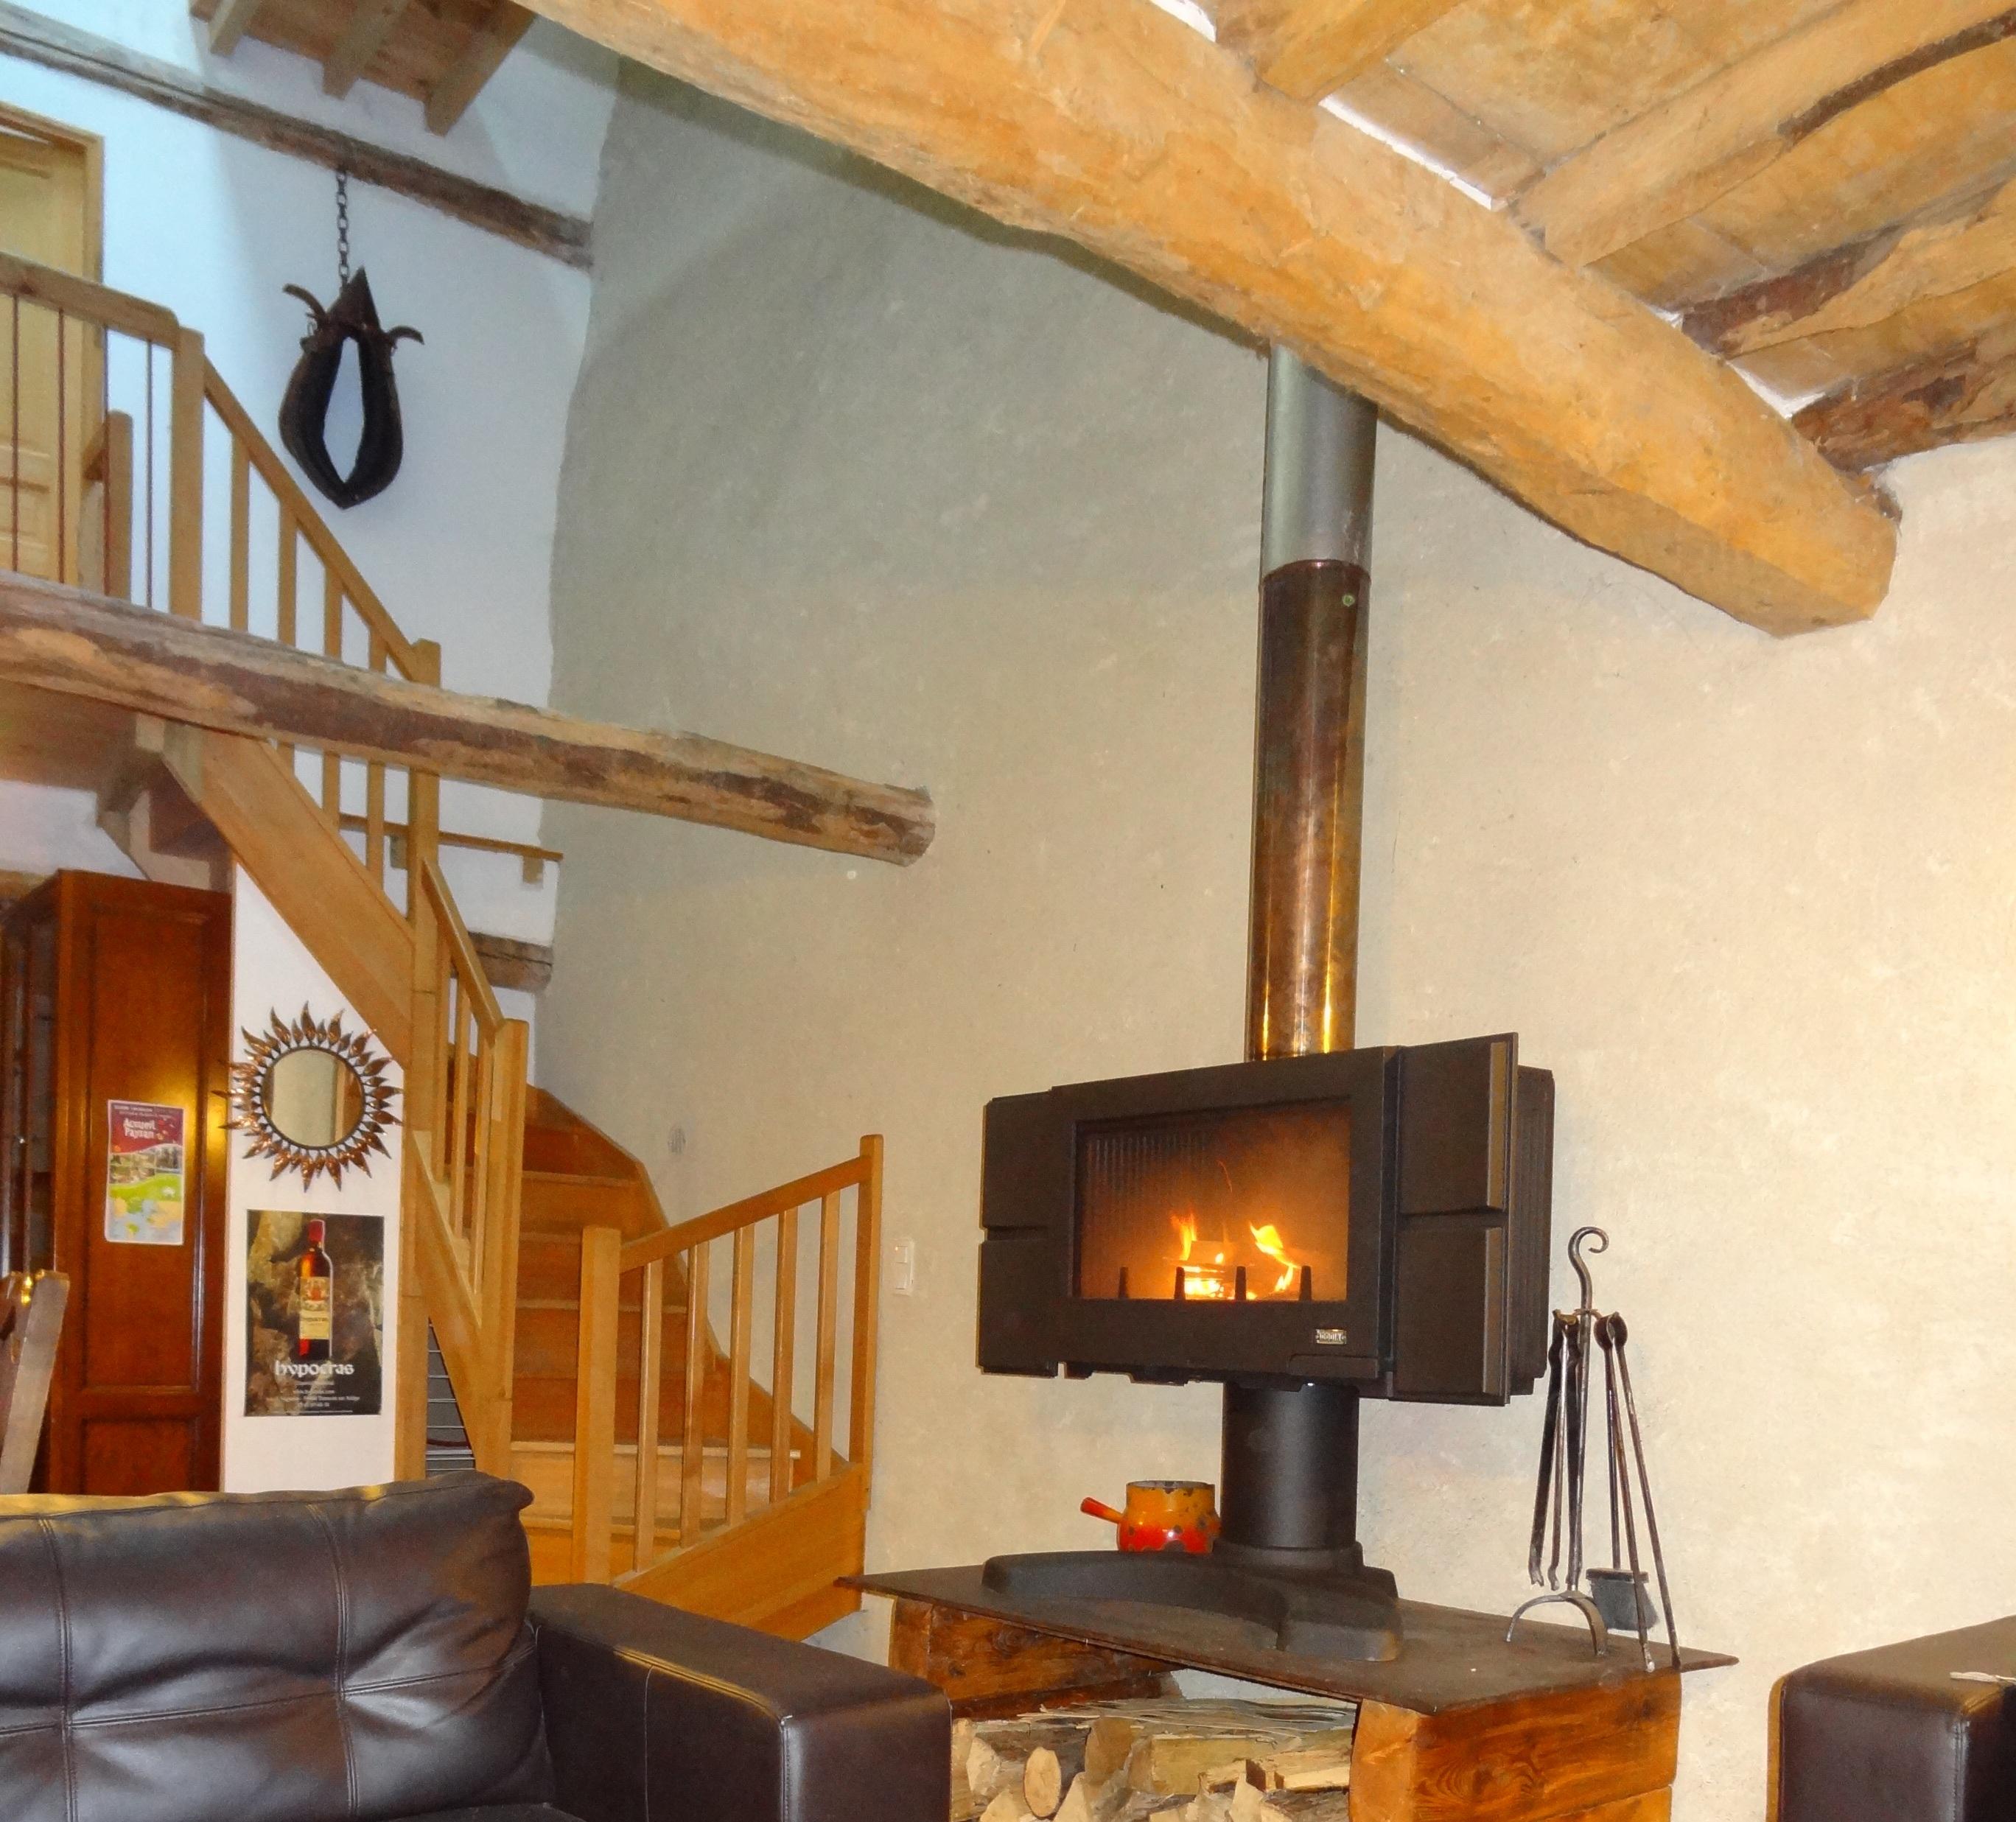 Le poêle à bois dans la salle de vie